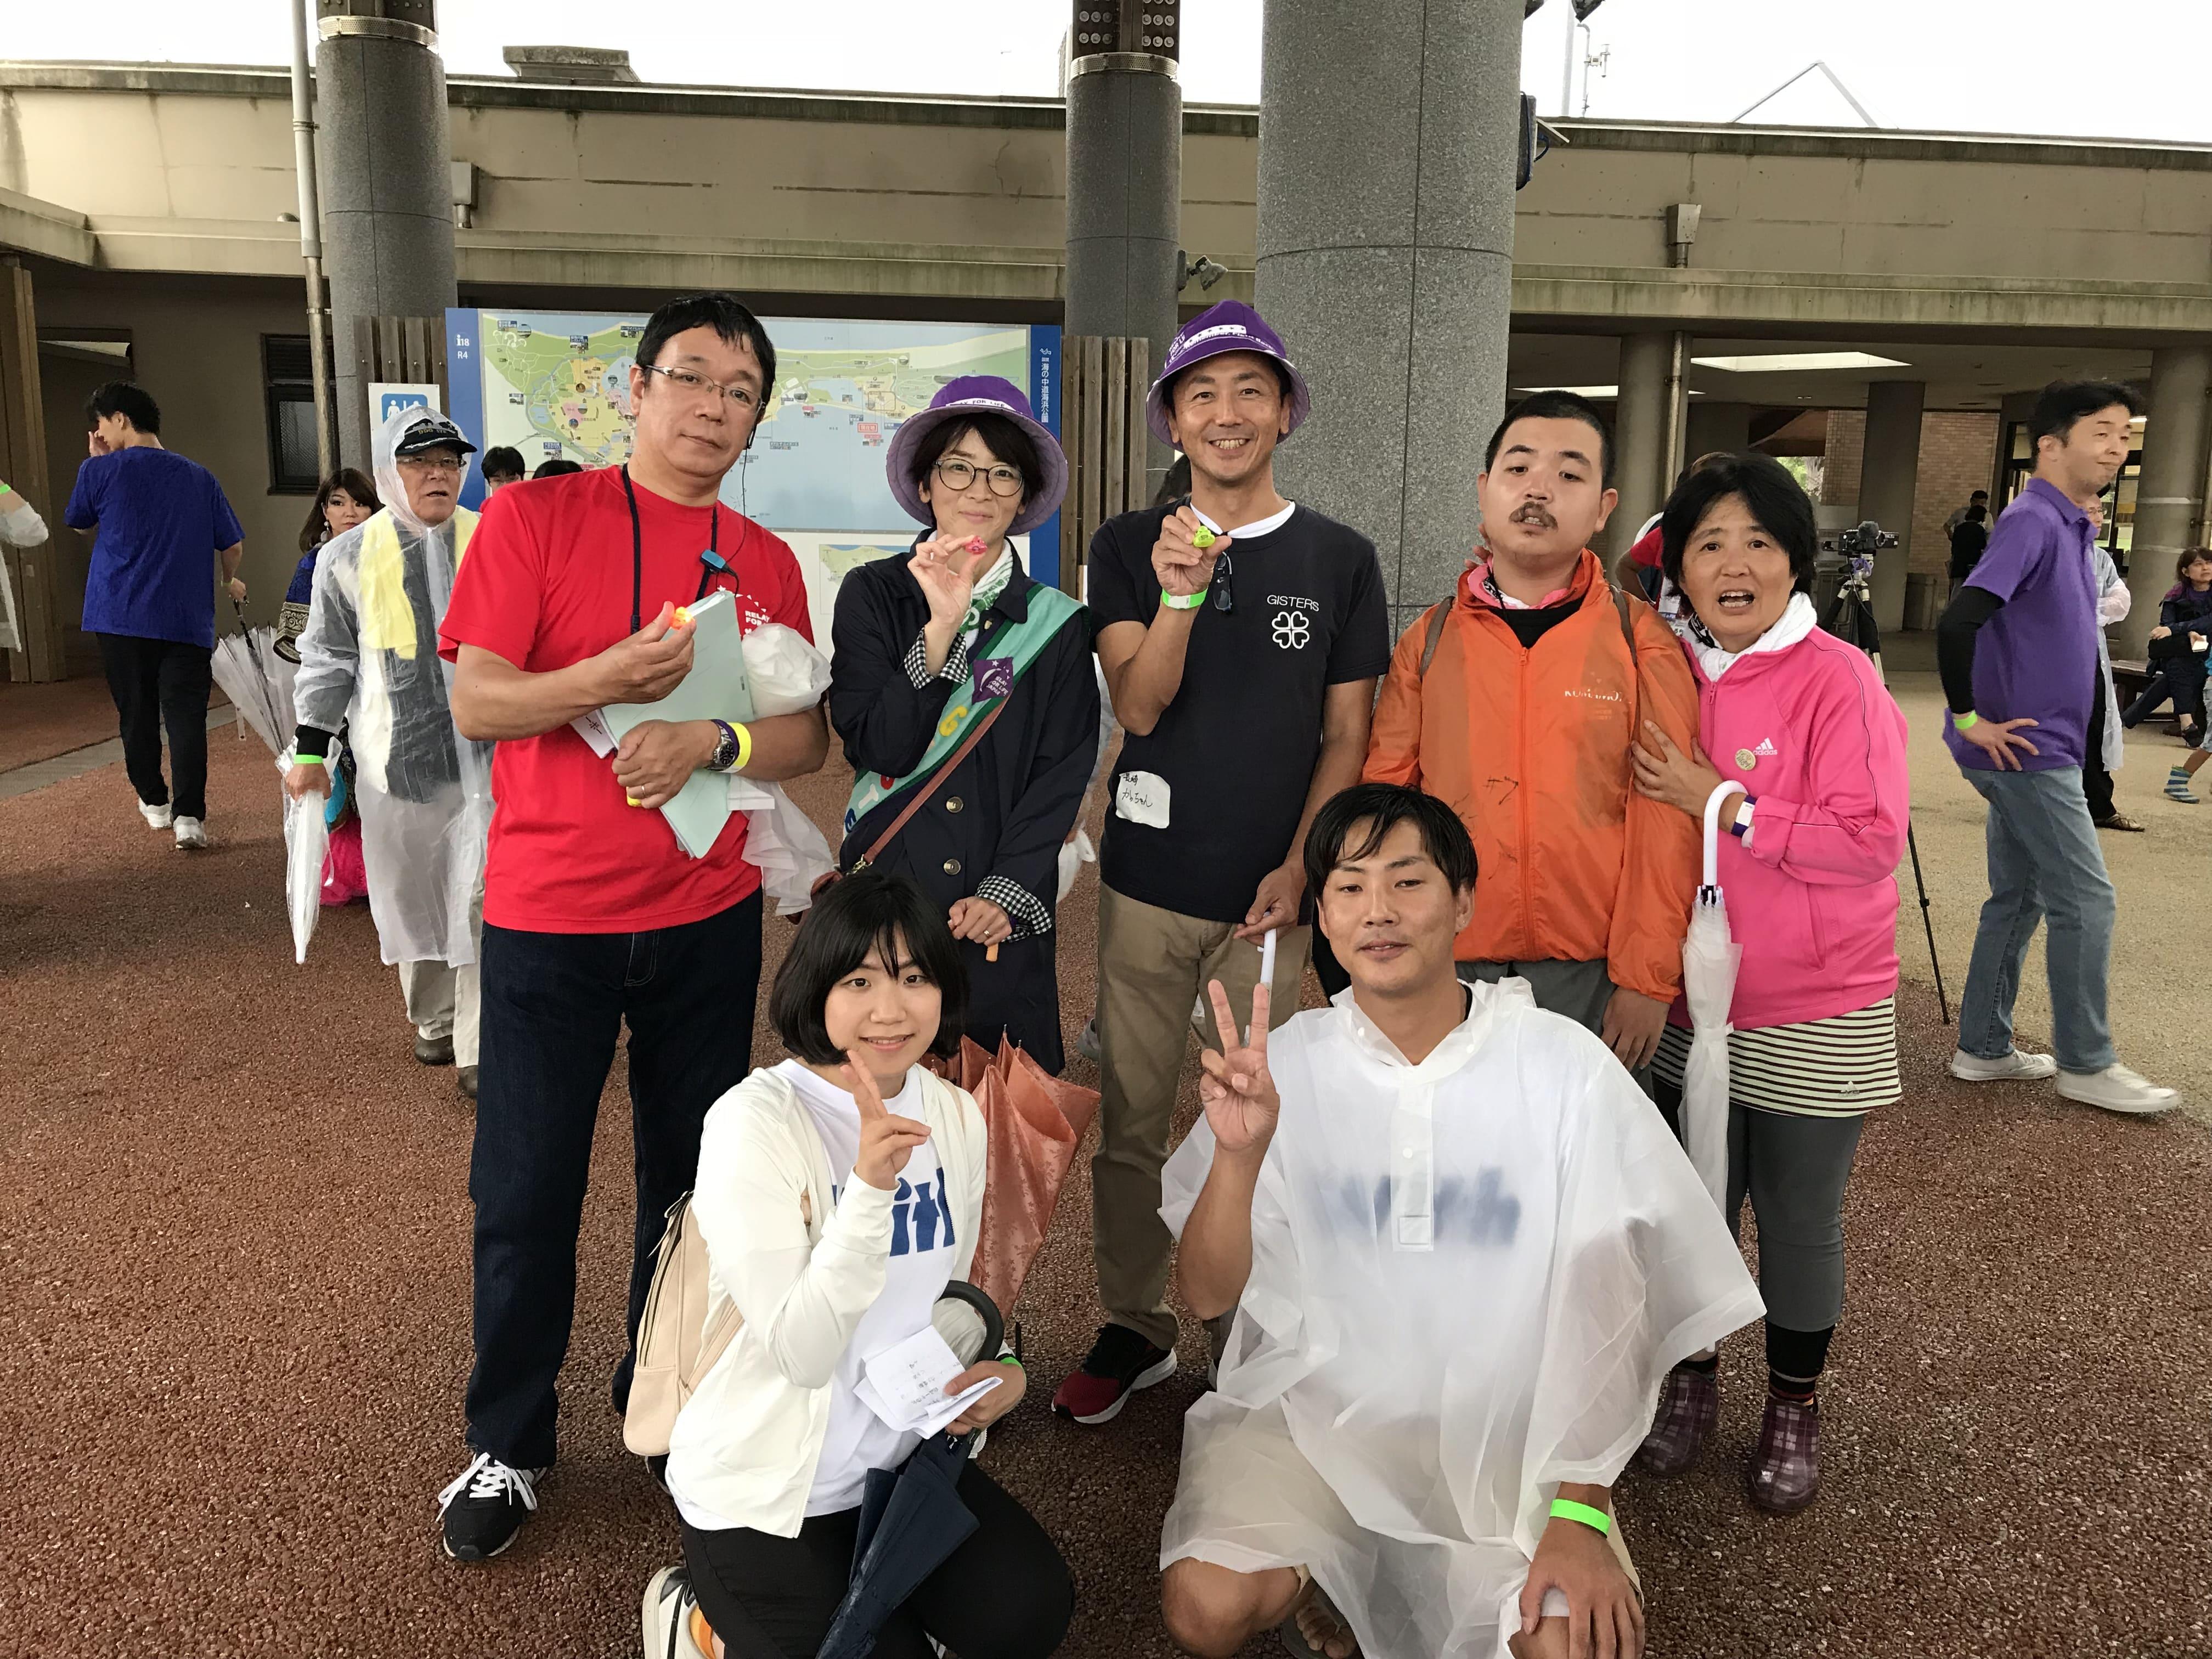 リレーフォライフ福岡2018画像9